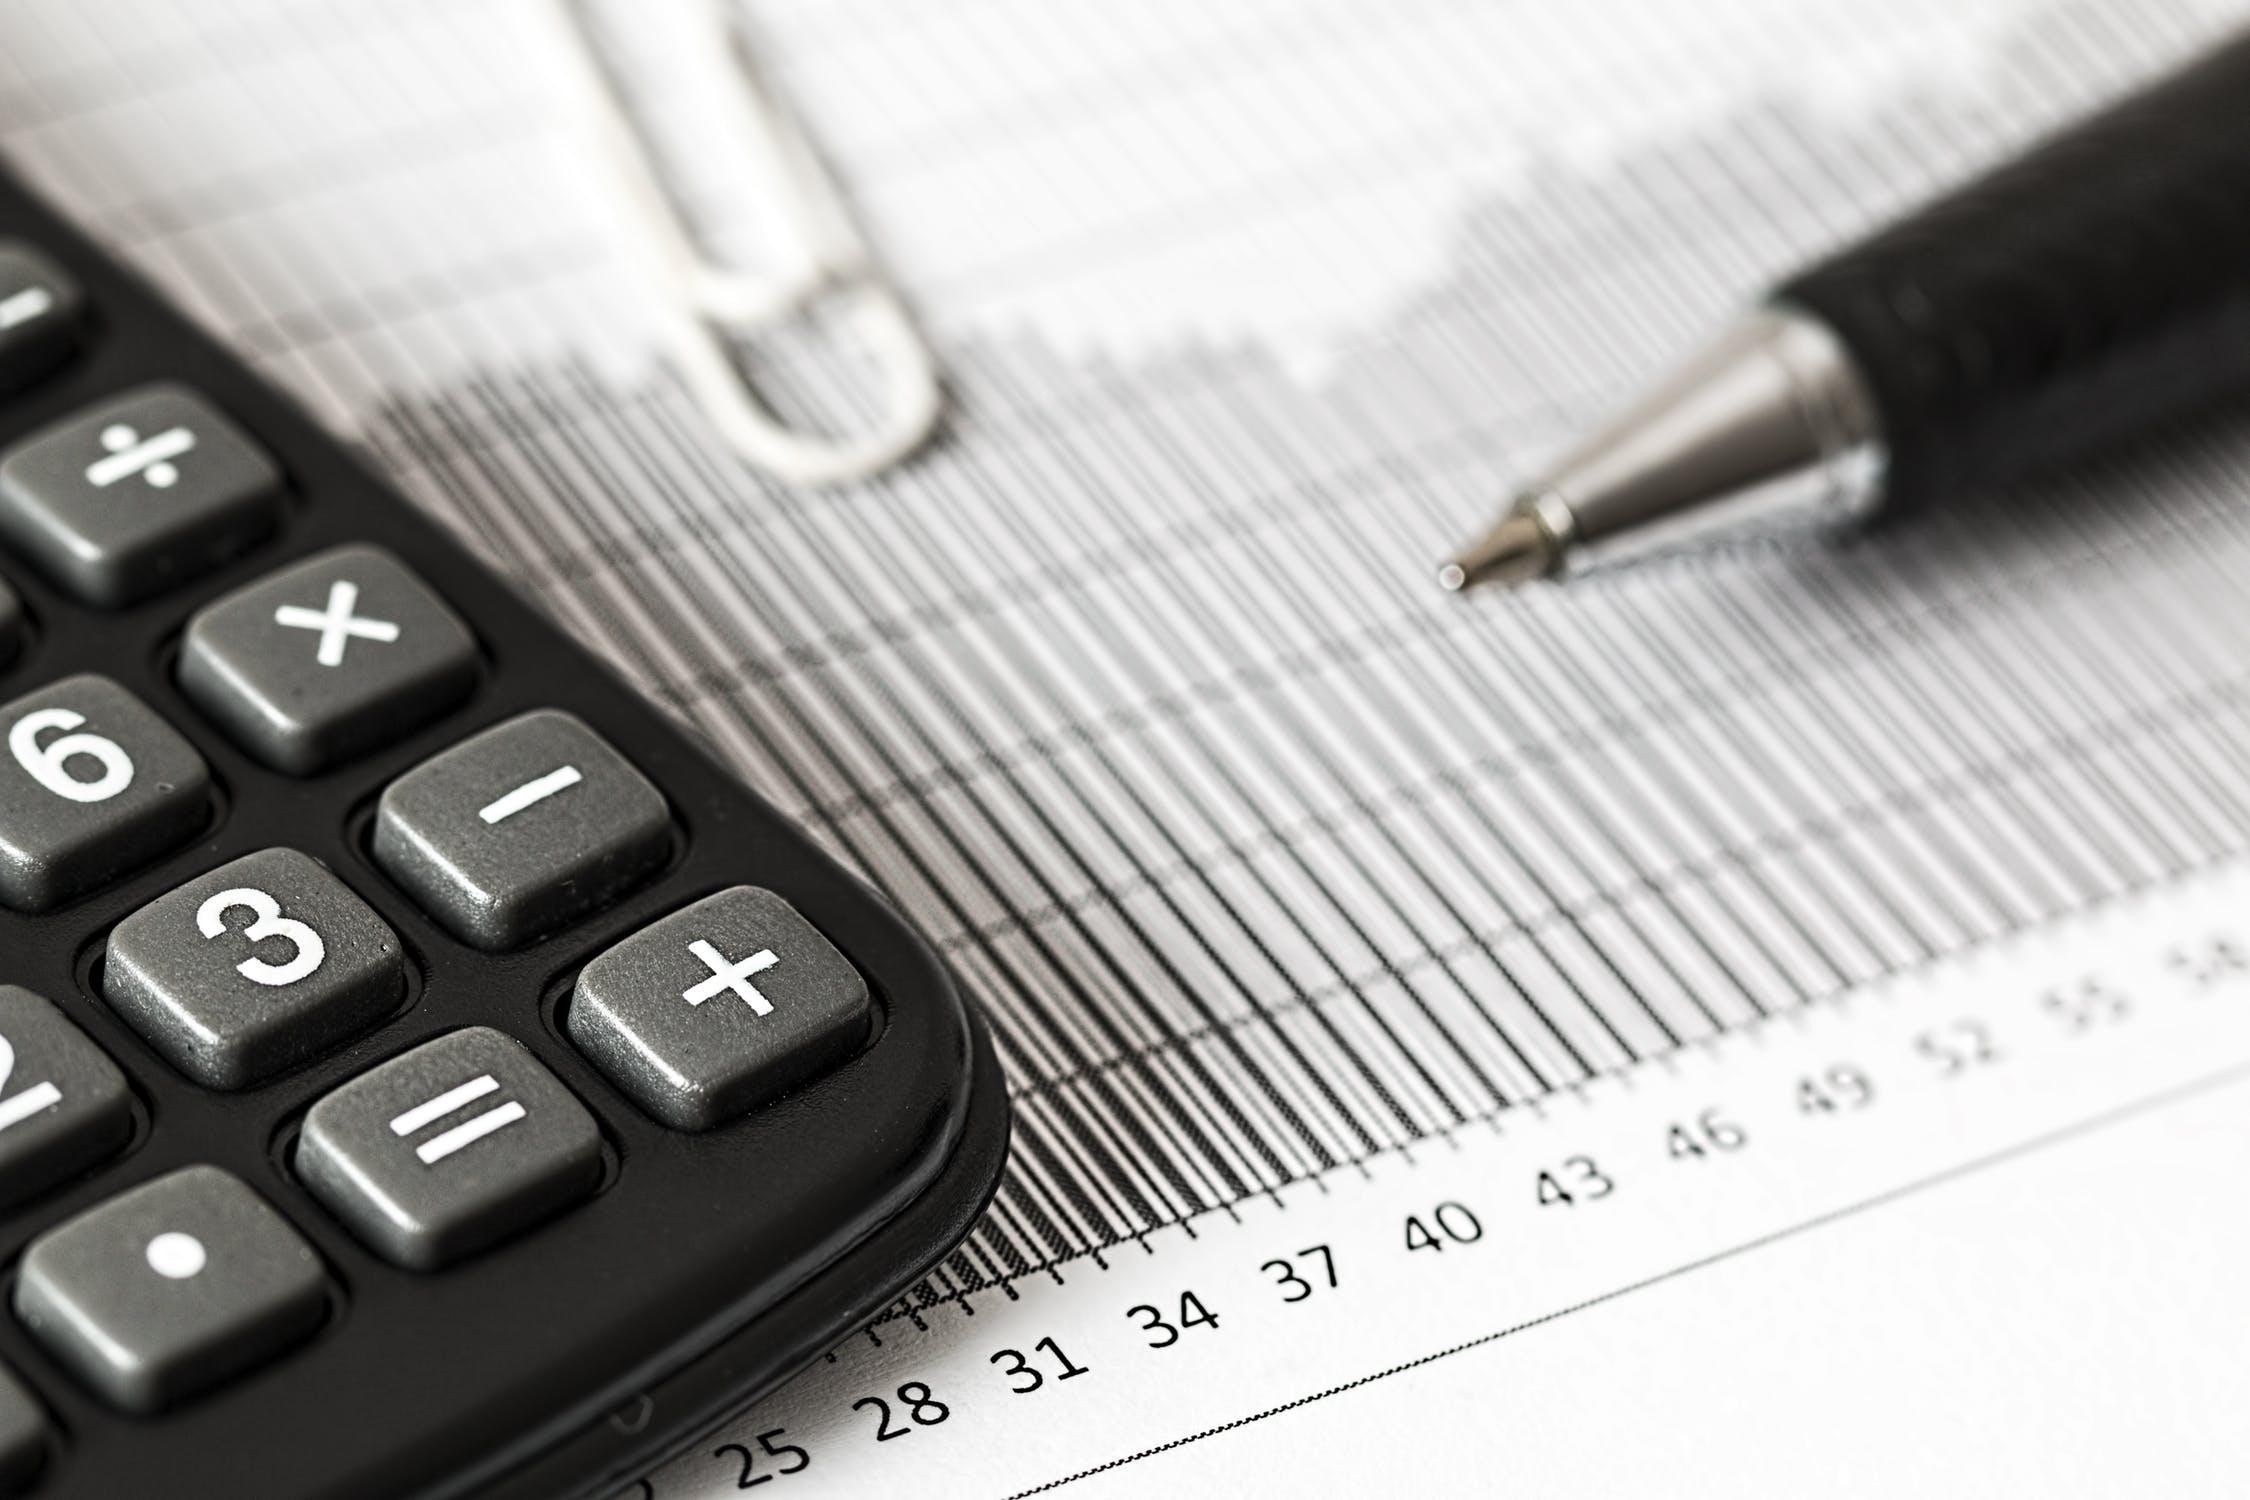 Предприниматели Гомельской области стали меньше допускать ошибки в налоговых декларациях